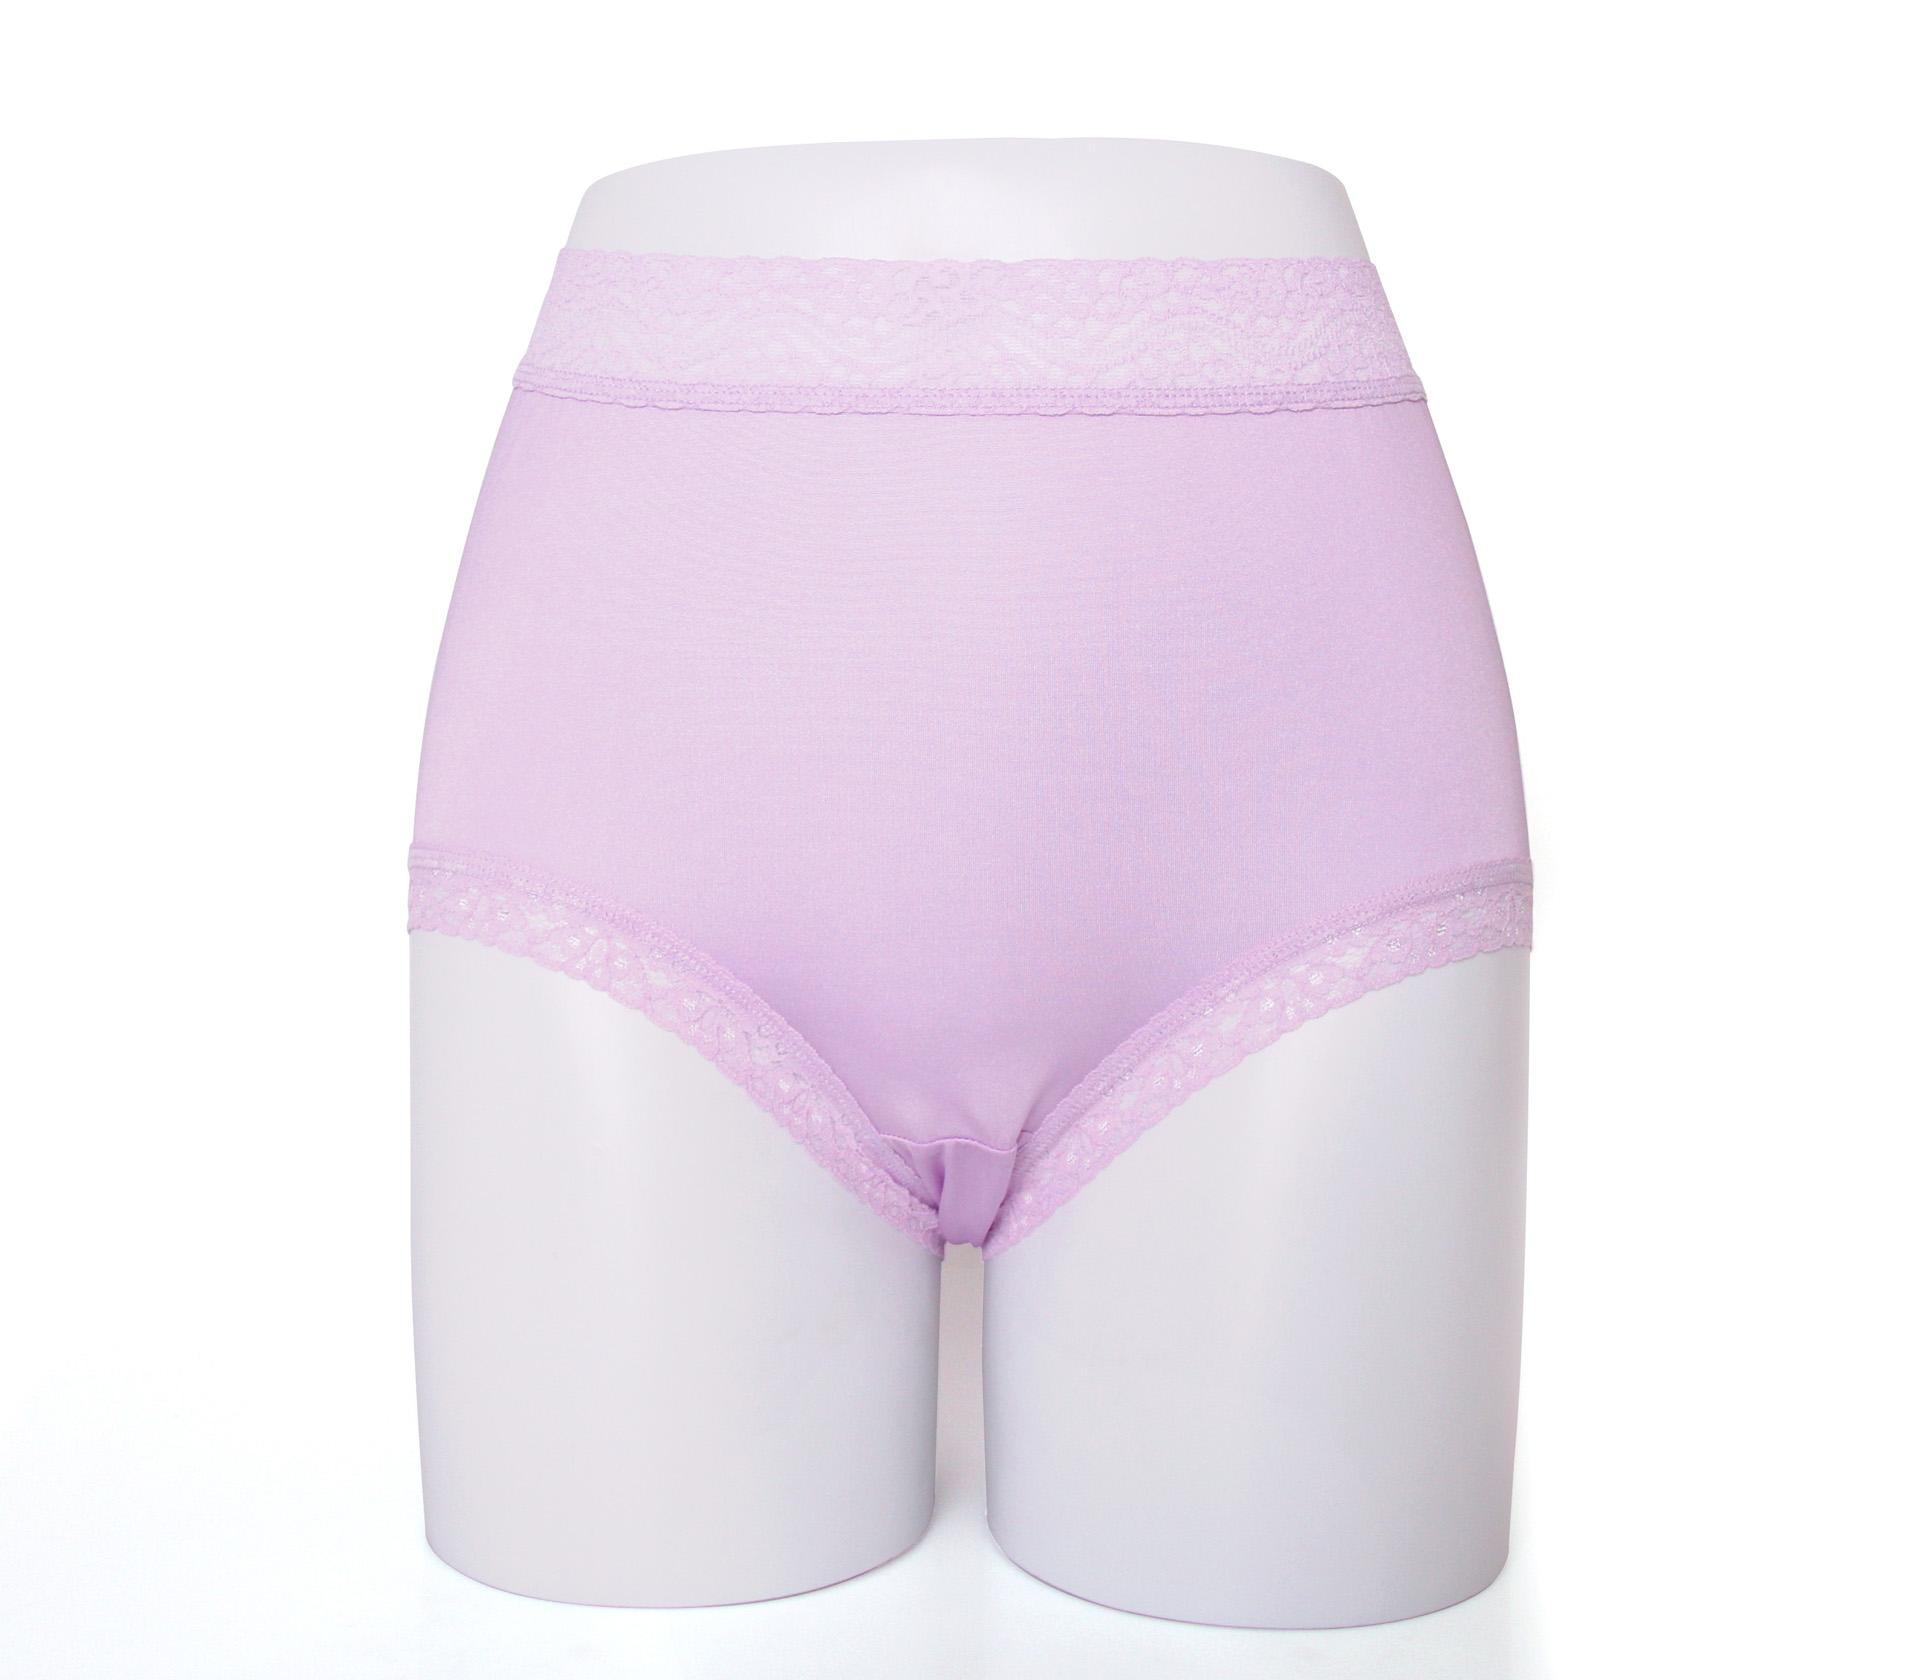 闕蘭絹親膚舒適包覆頂級40針100%蠶絲內褲-88798(紫)